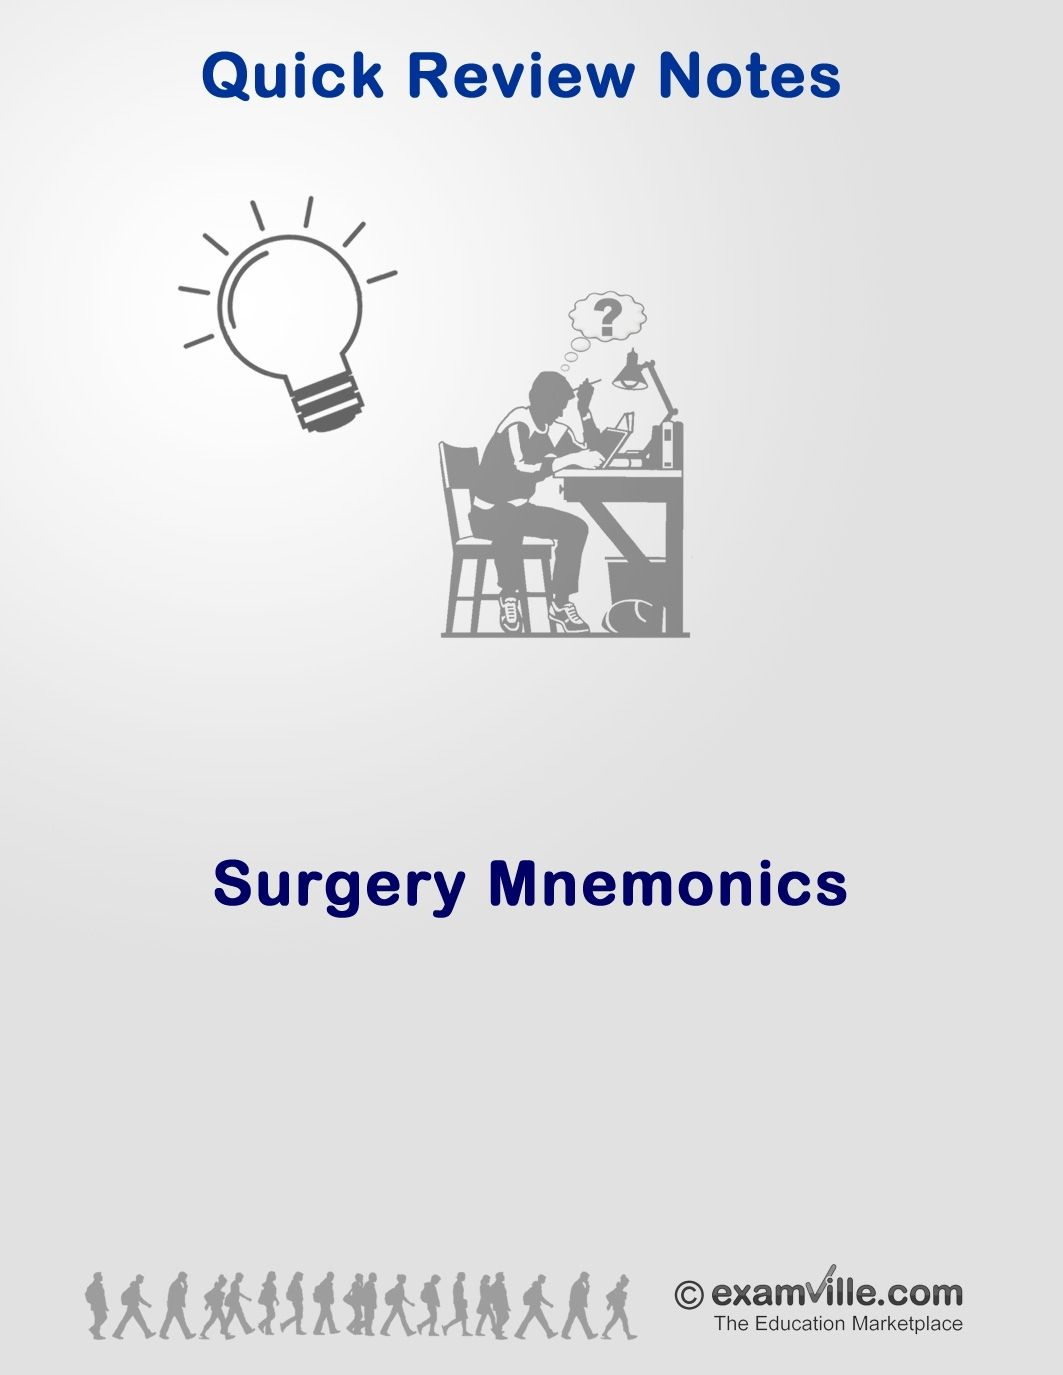 Surgery Mnemonics Cheat Sheet